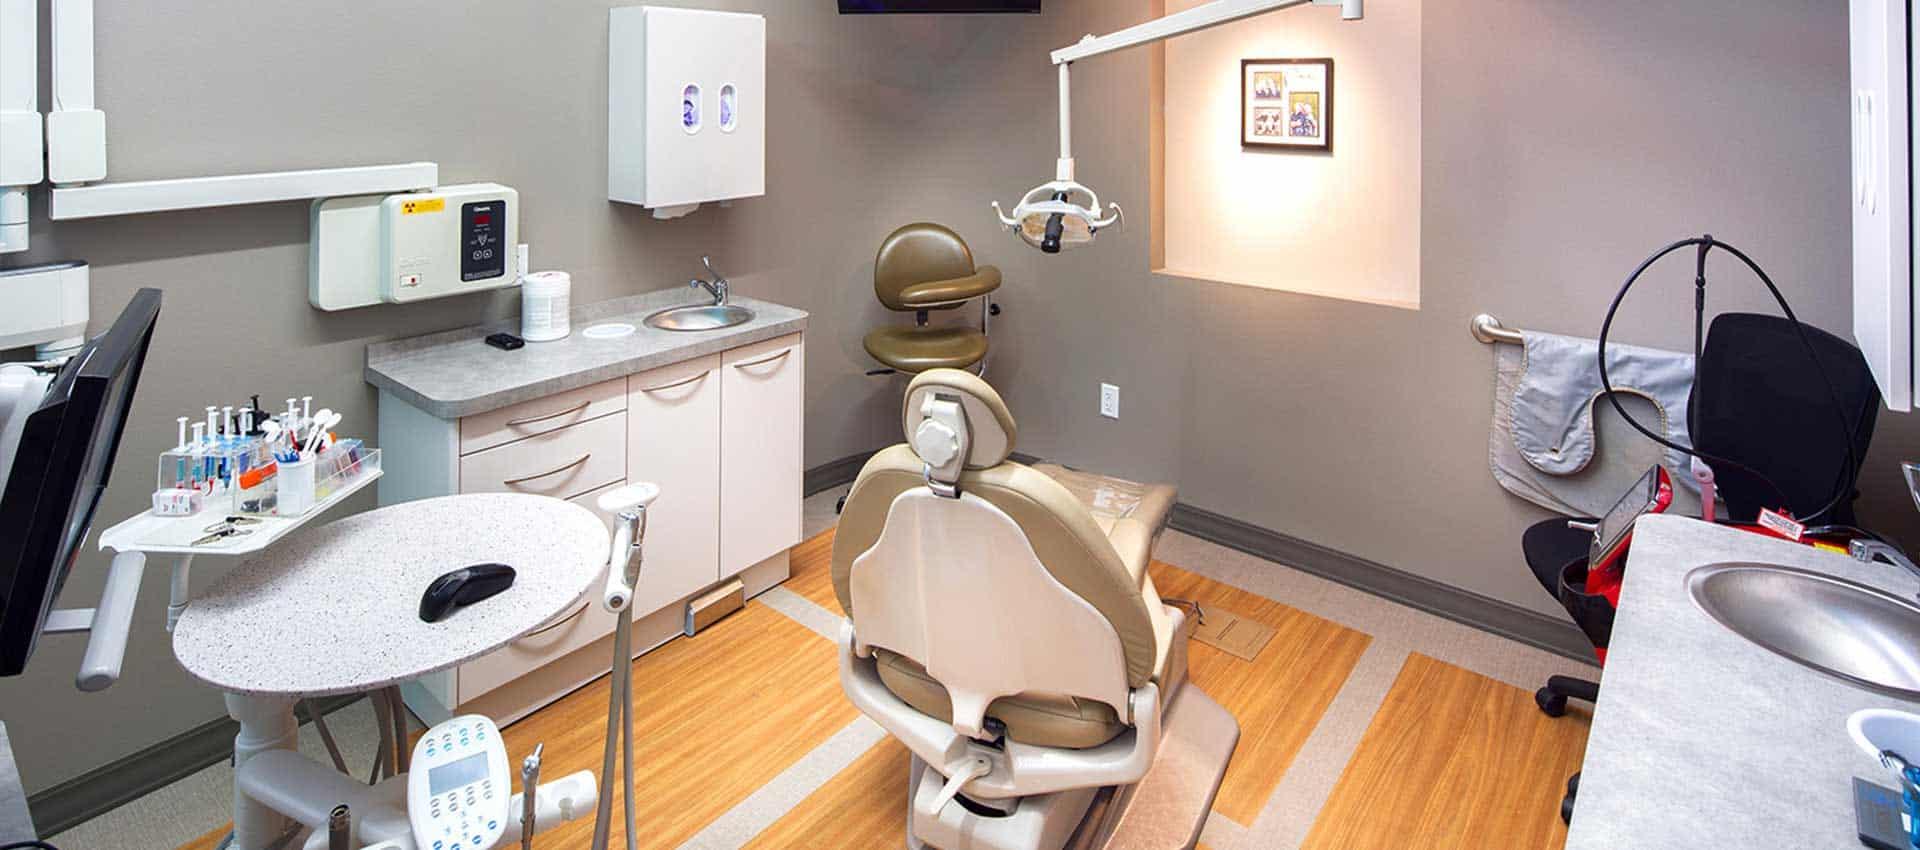 dental office - Dental Touch Associates